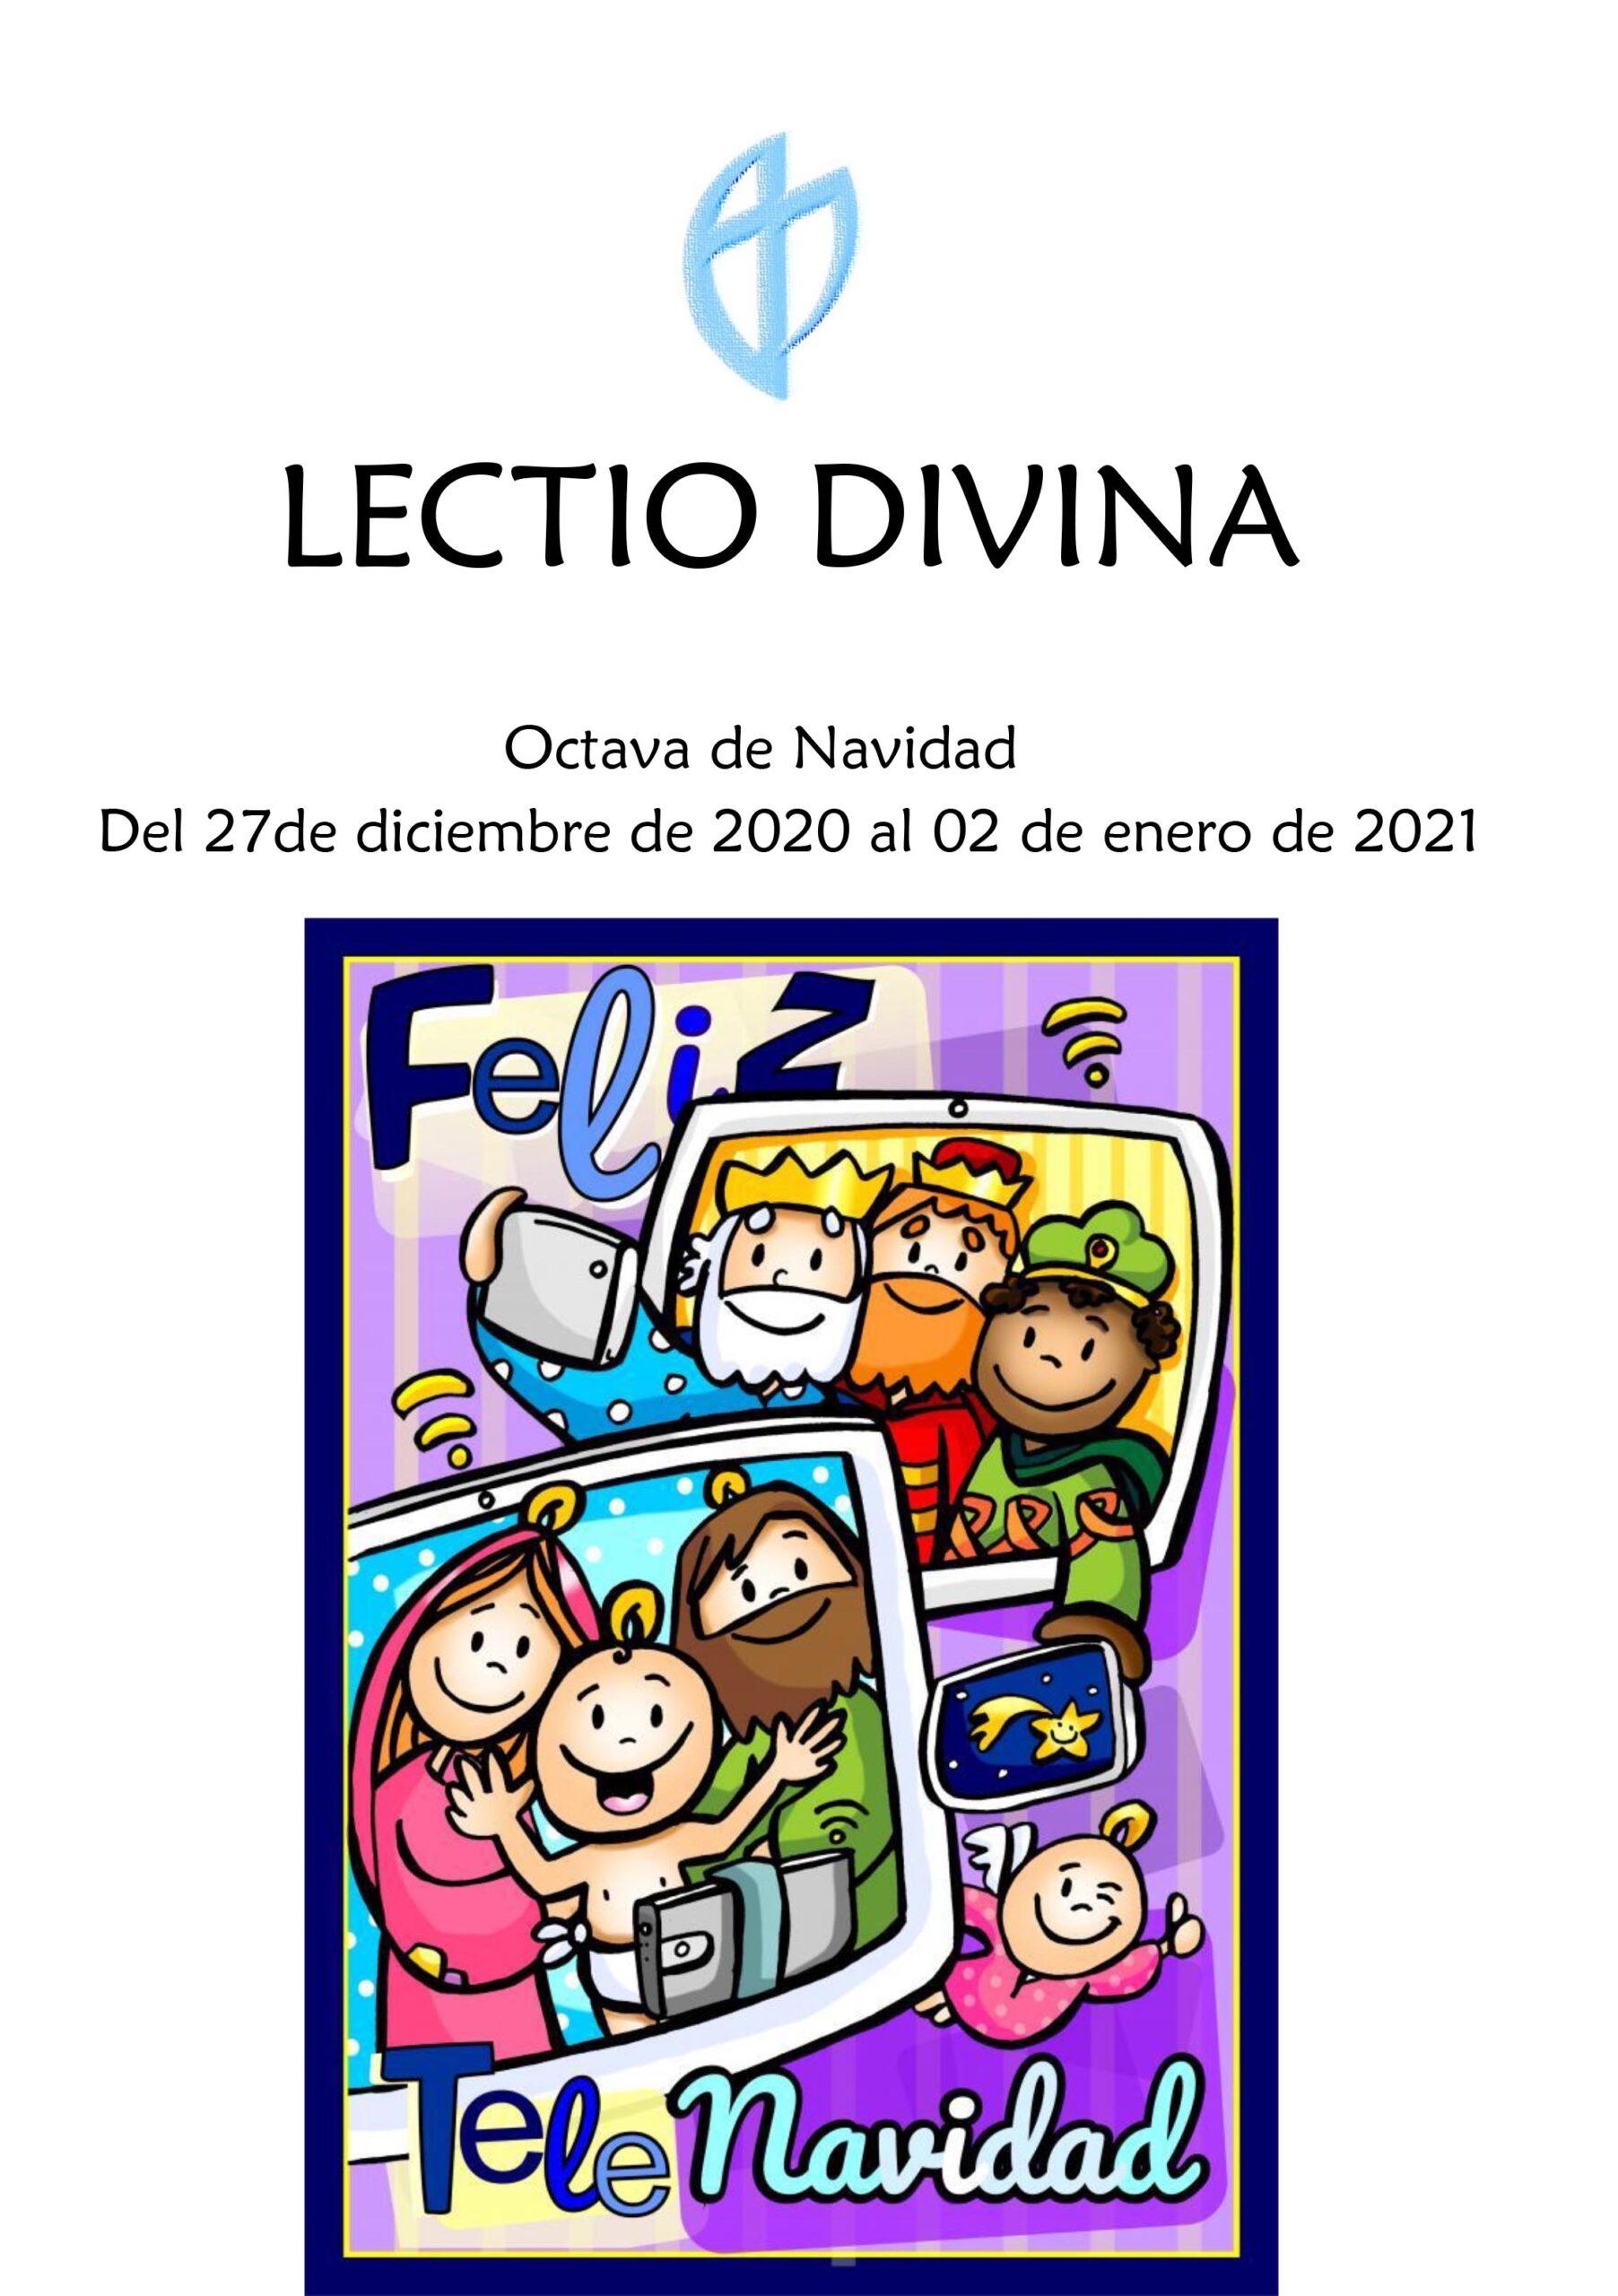 Octava de Navidad (Del 27de diciembre de 2020 al 02 de enero de 2021)